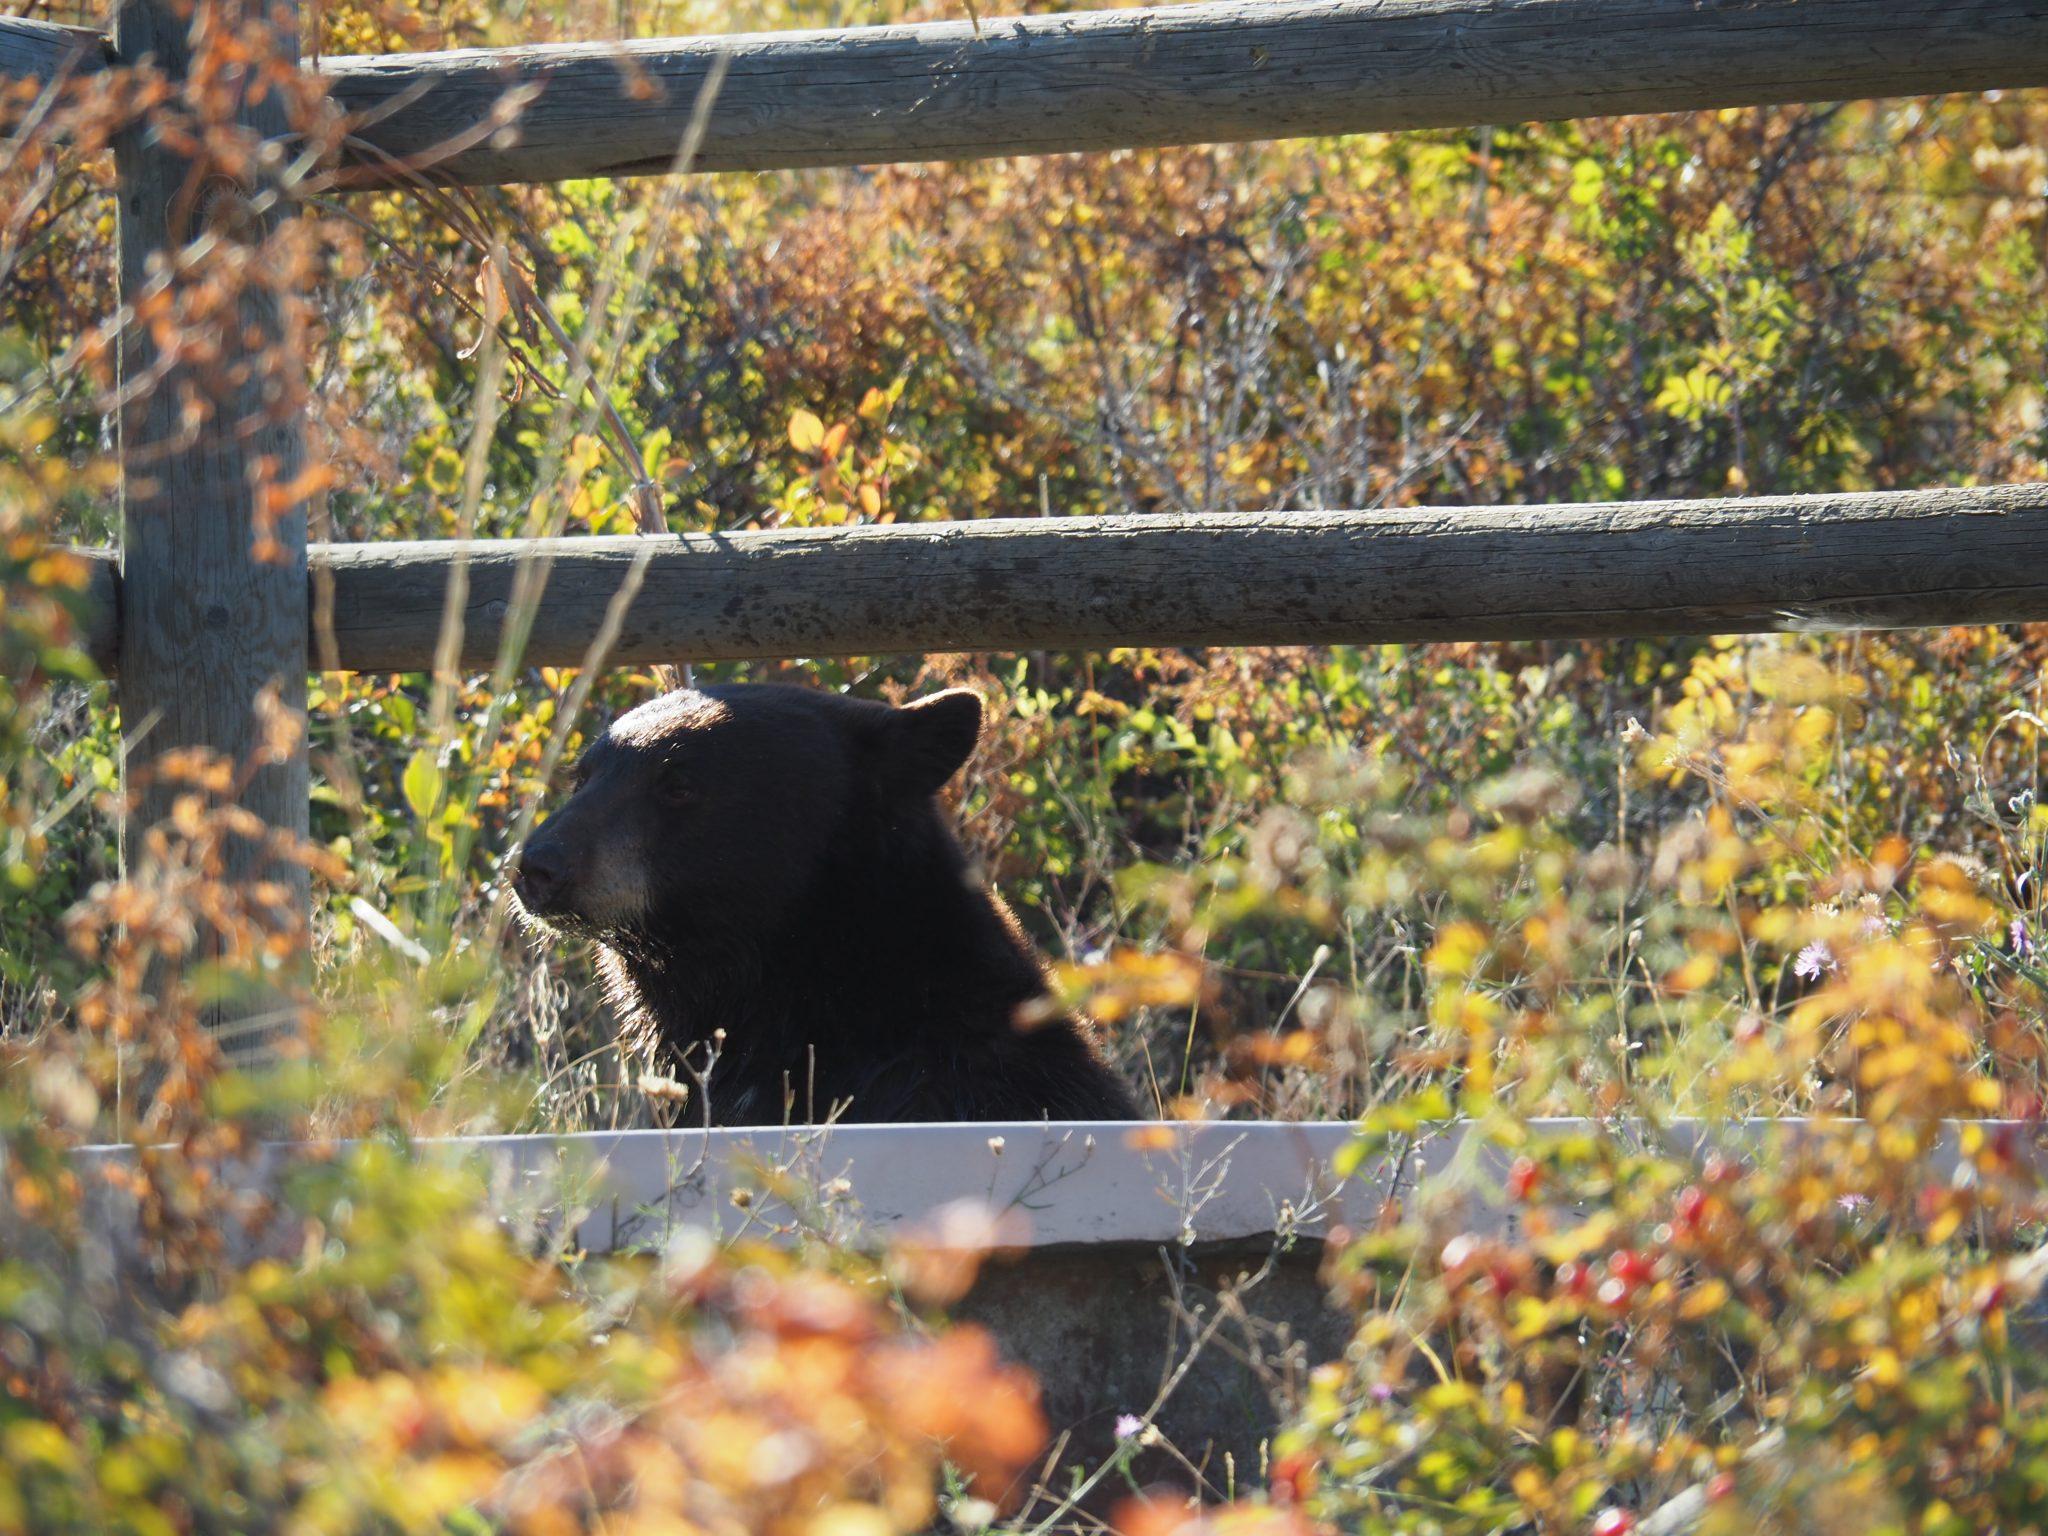 National Bison Range Montana USA Blackbear